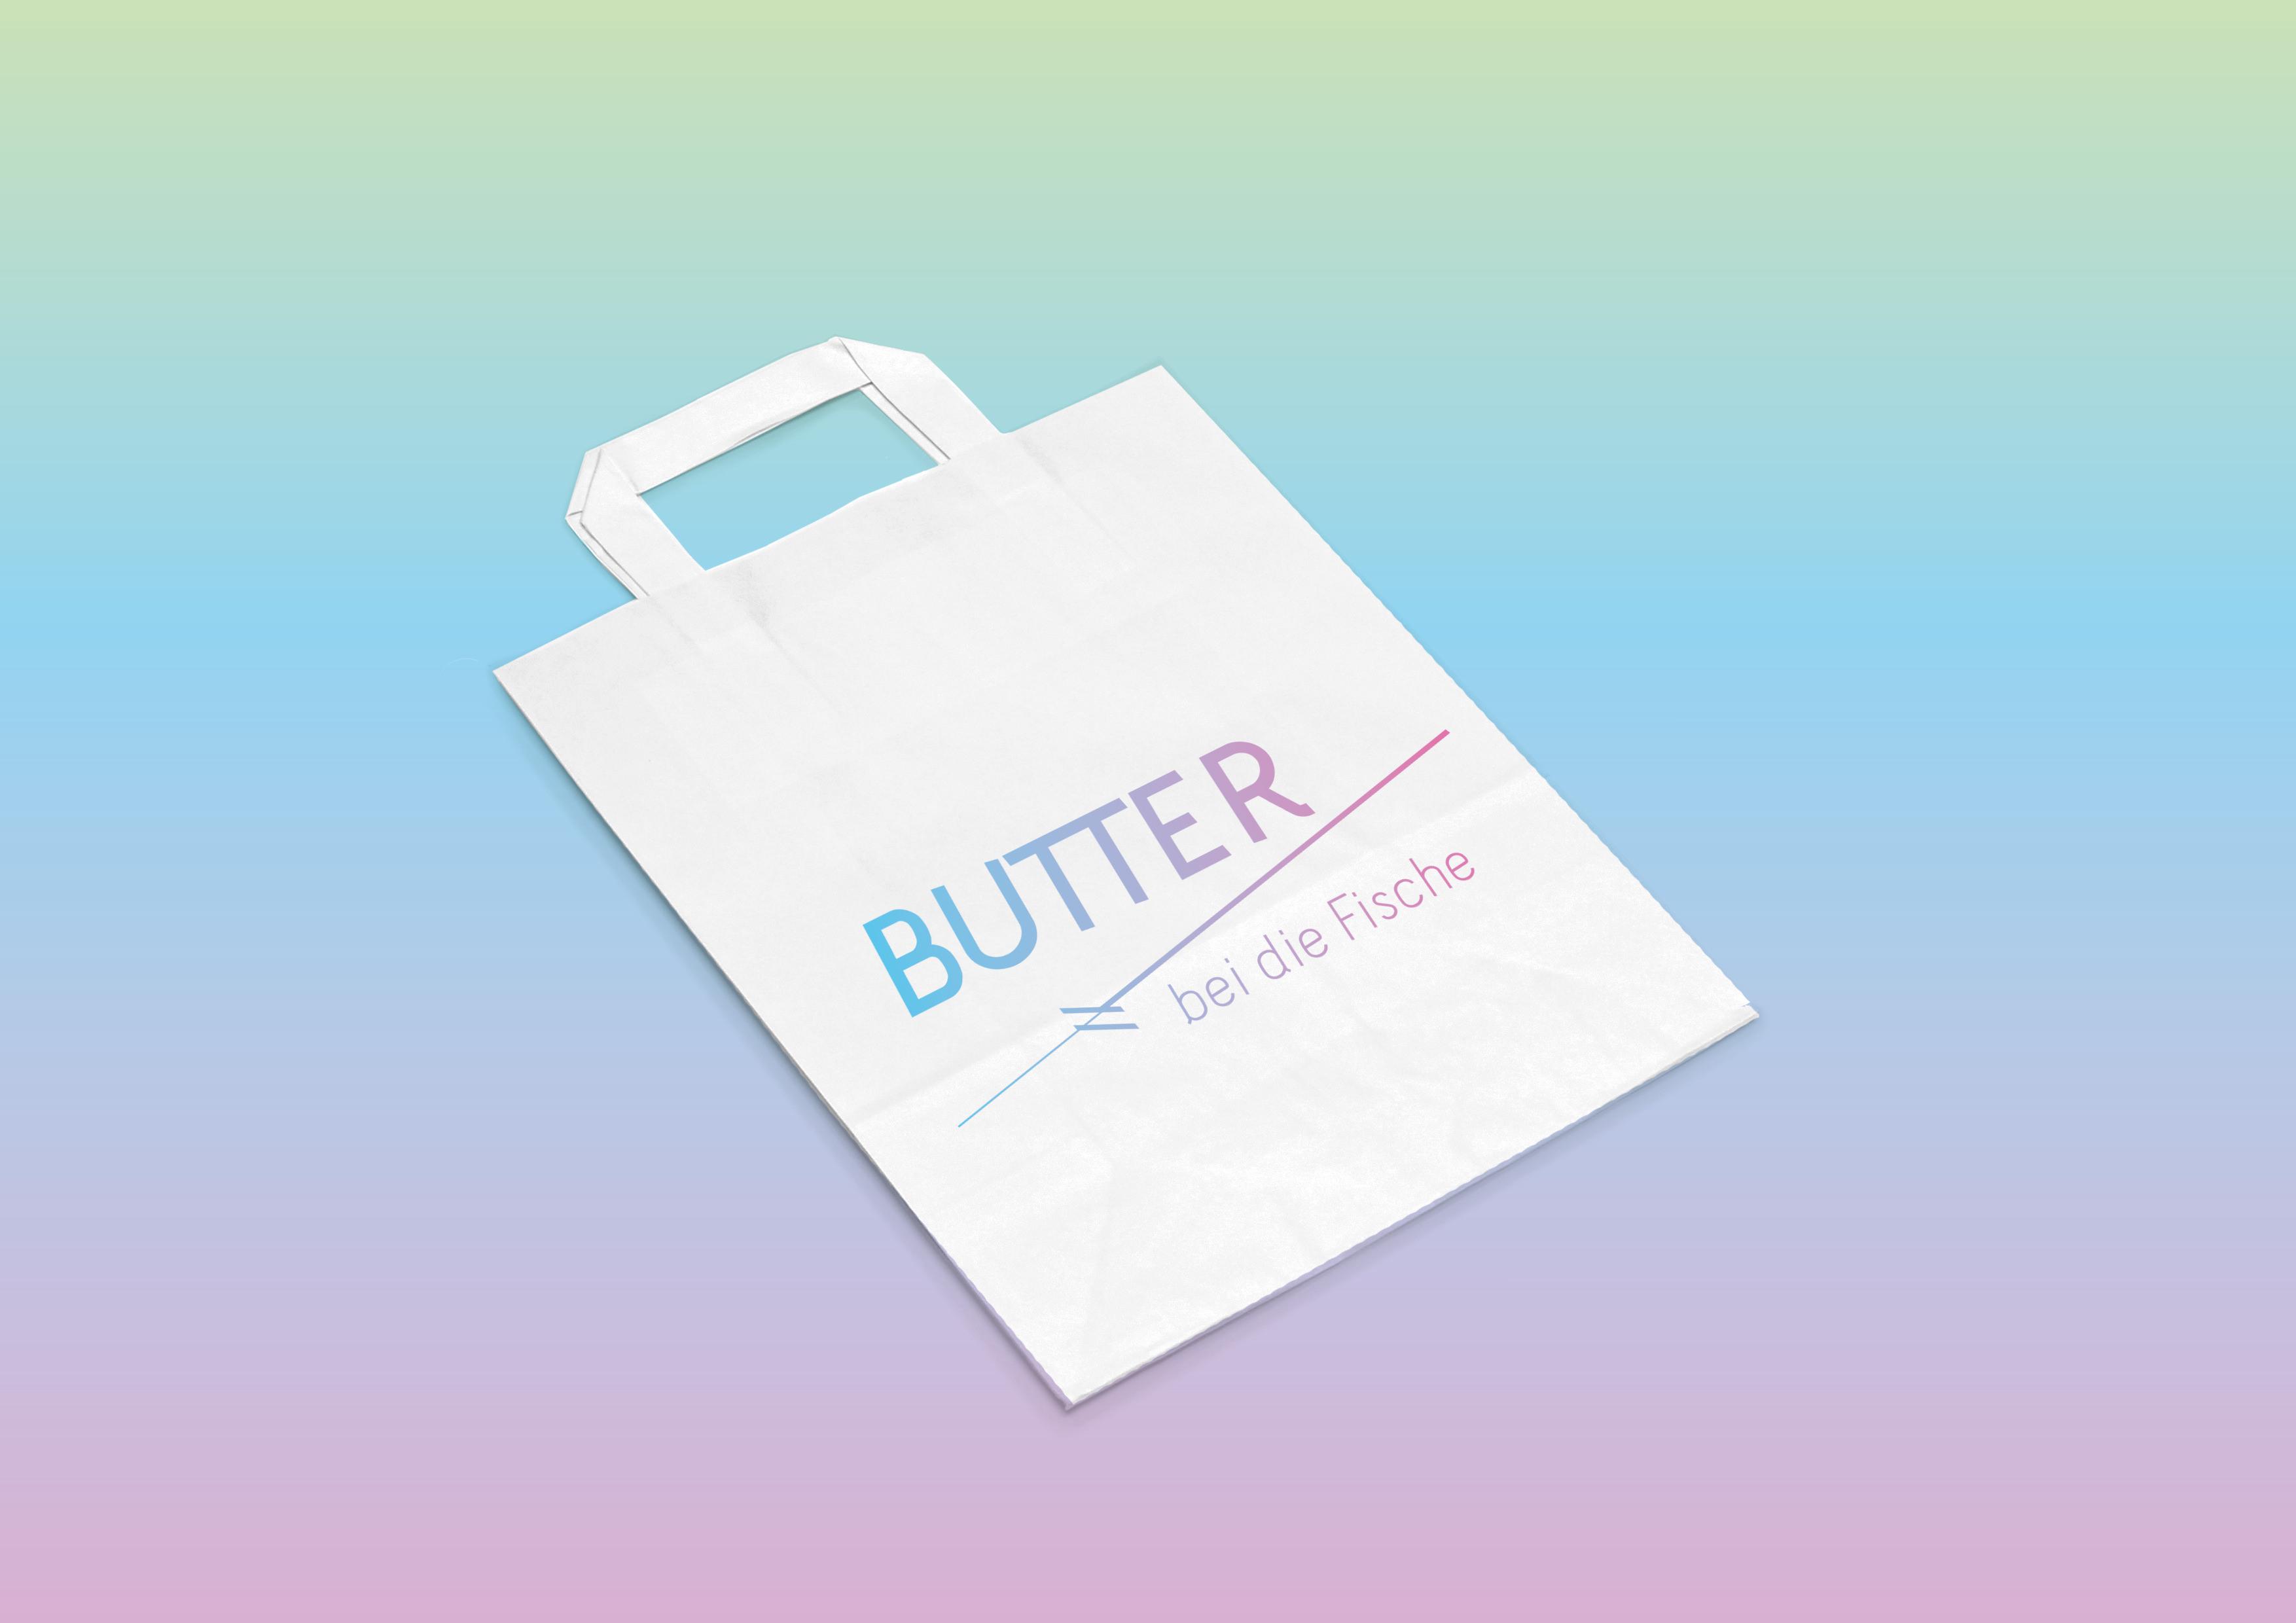 Butter_bag_1